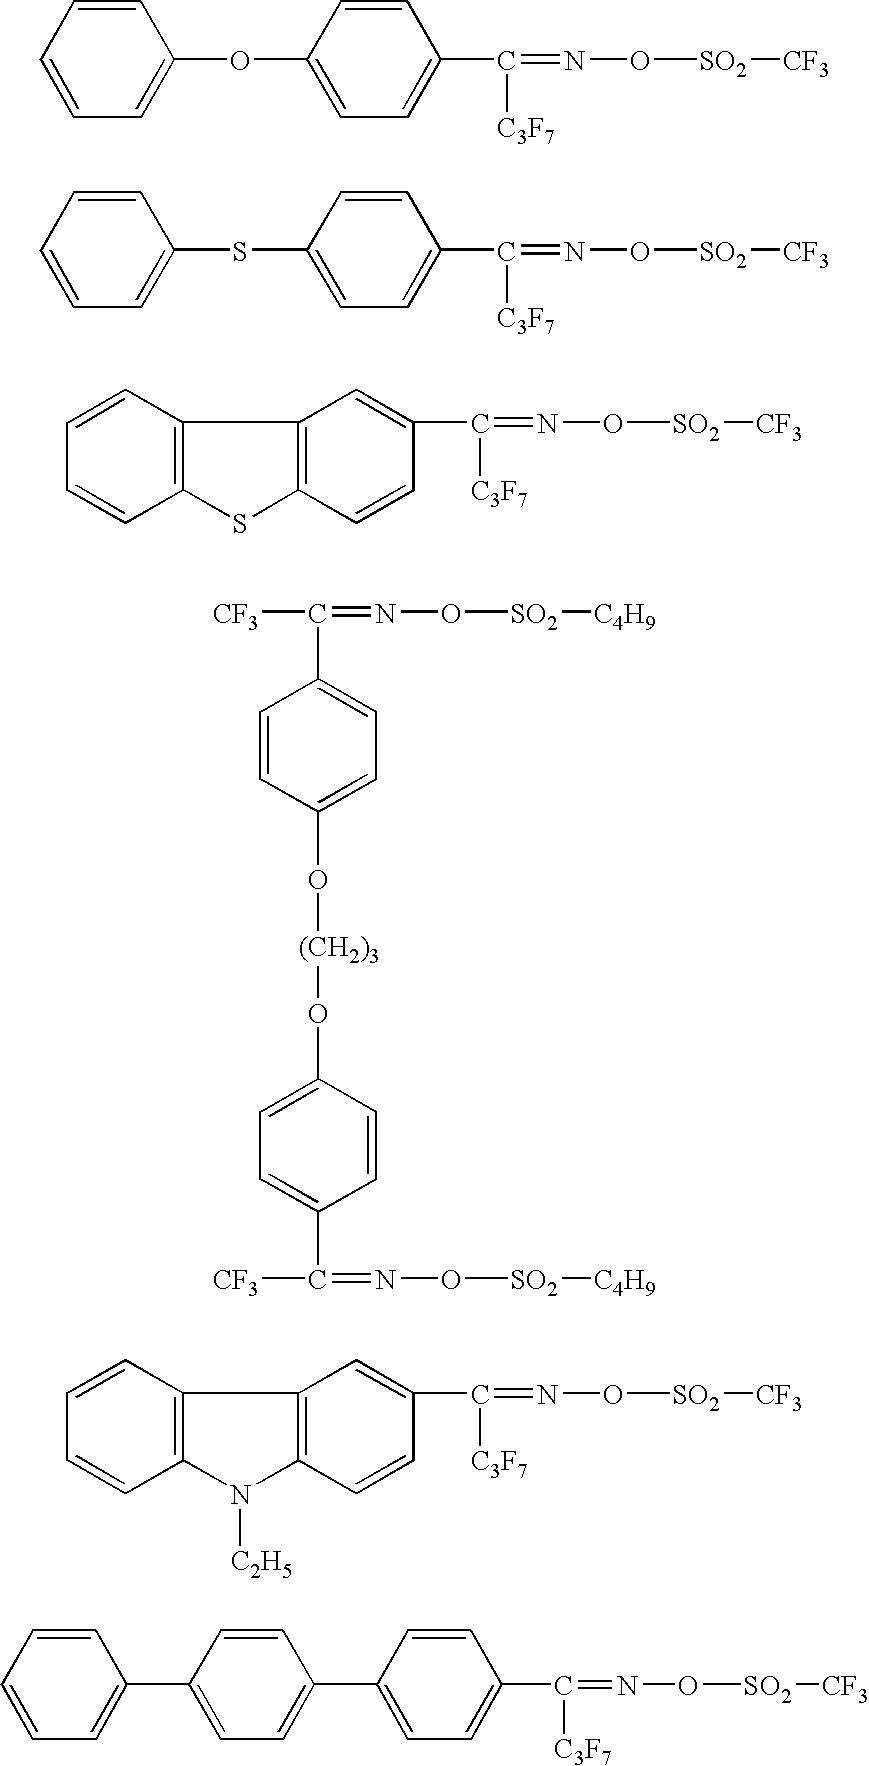 Figure US20090269693A1-20091029-C00012